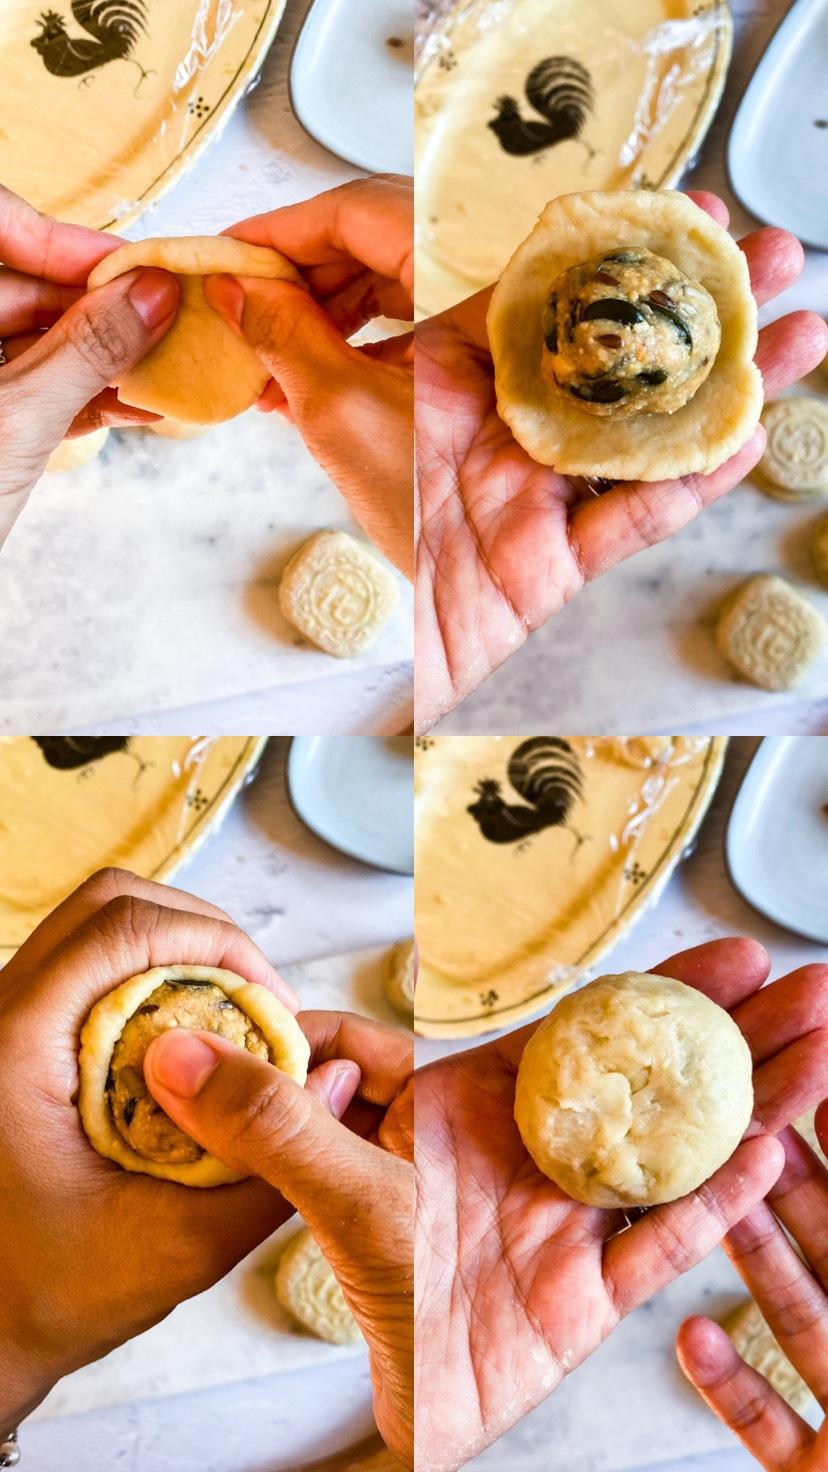 come chiudere i mooncake passo dopo passo